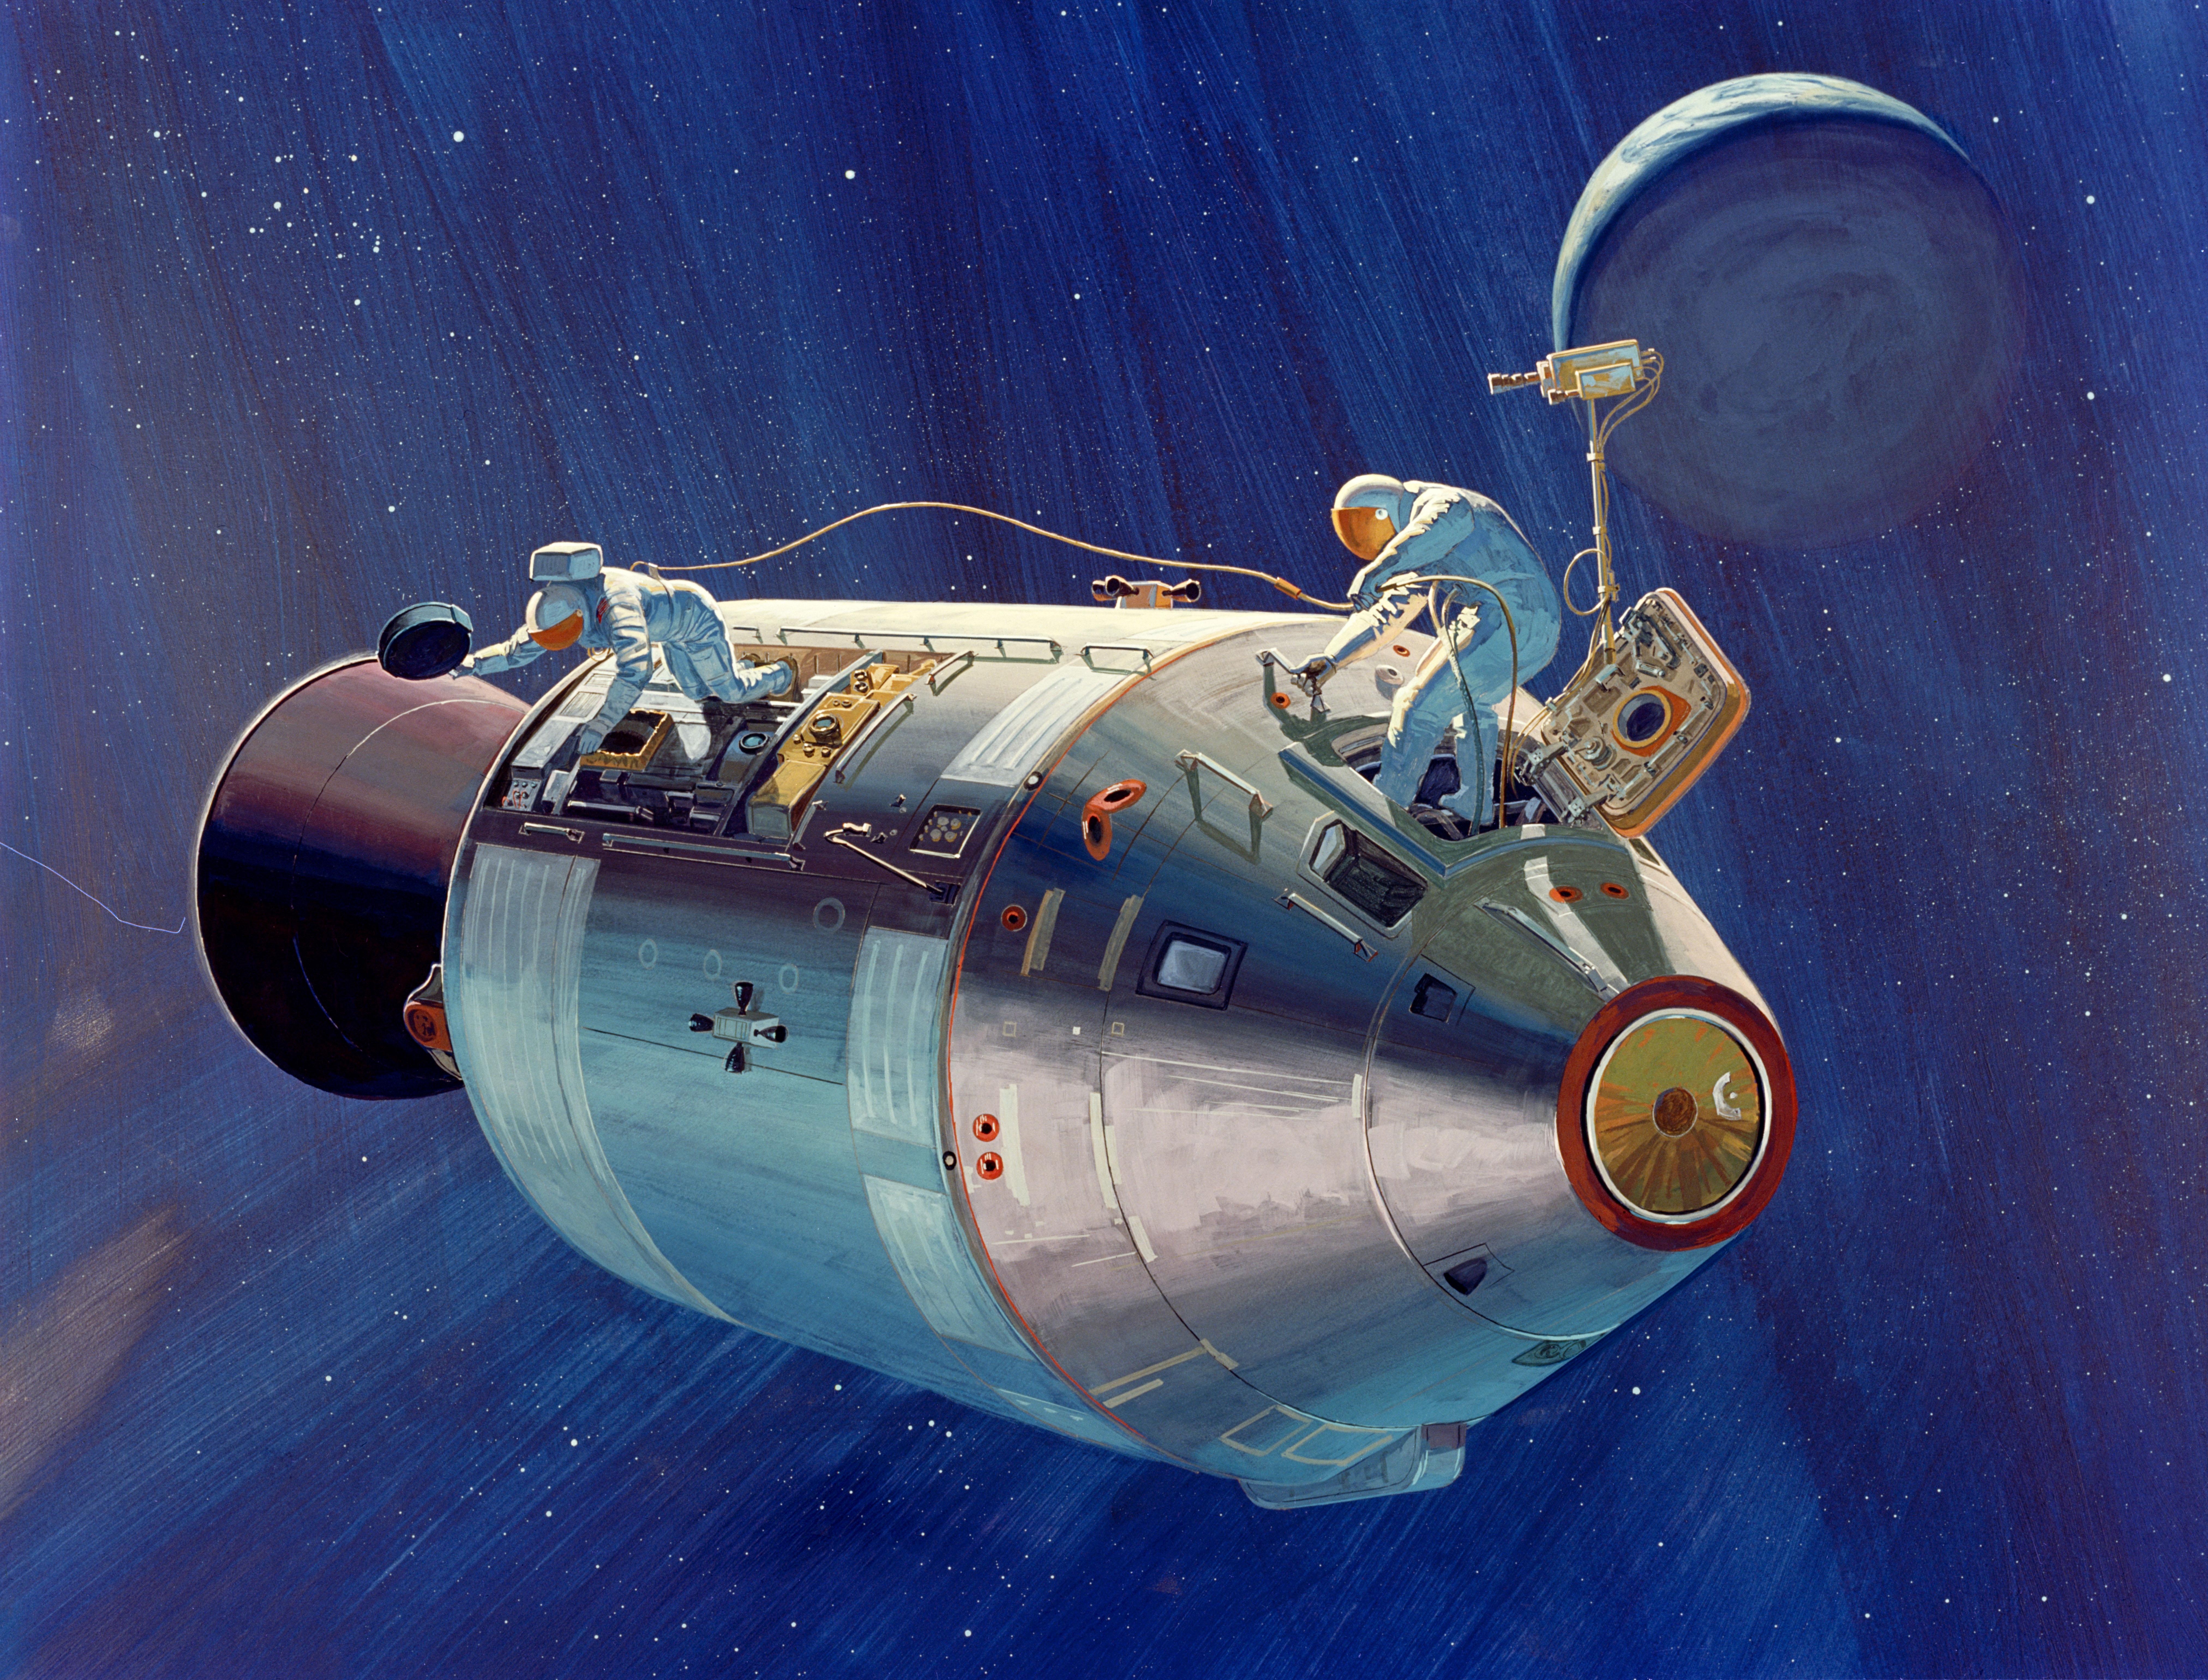 широкоформатные устройство космического корабля аполлон кафе